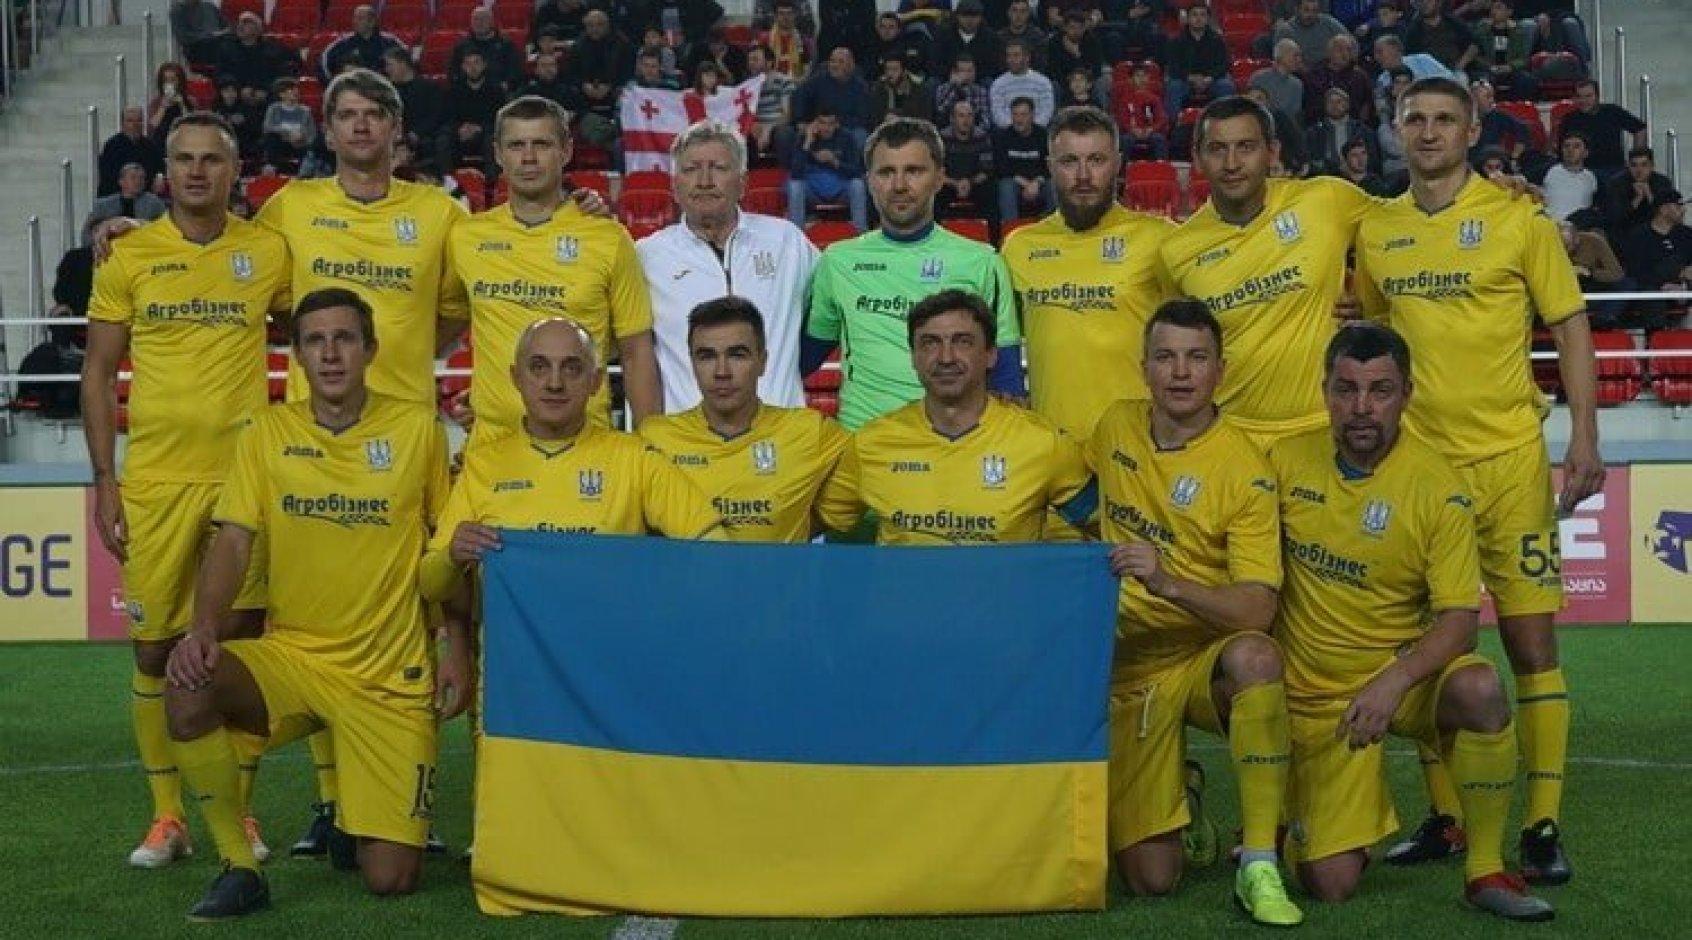 Збірна України серед ветеранів перемогла в четвертому Кубку легенд в Батумі